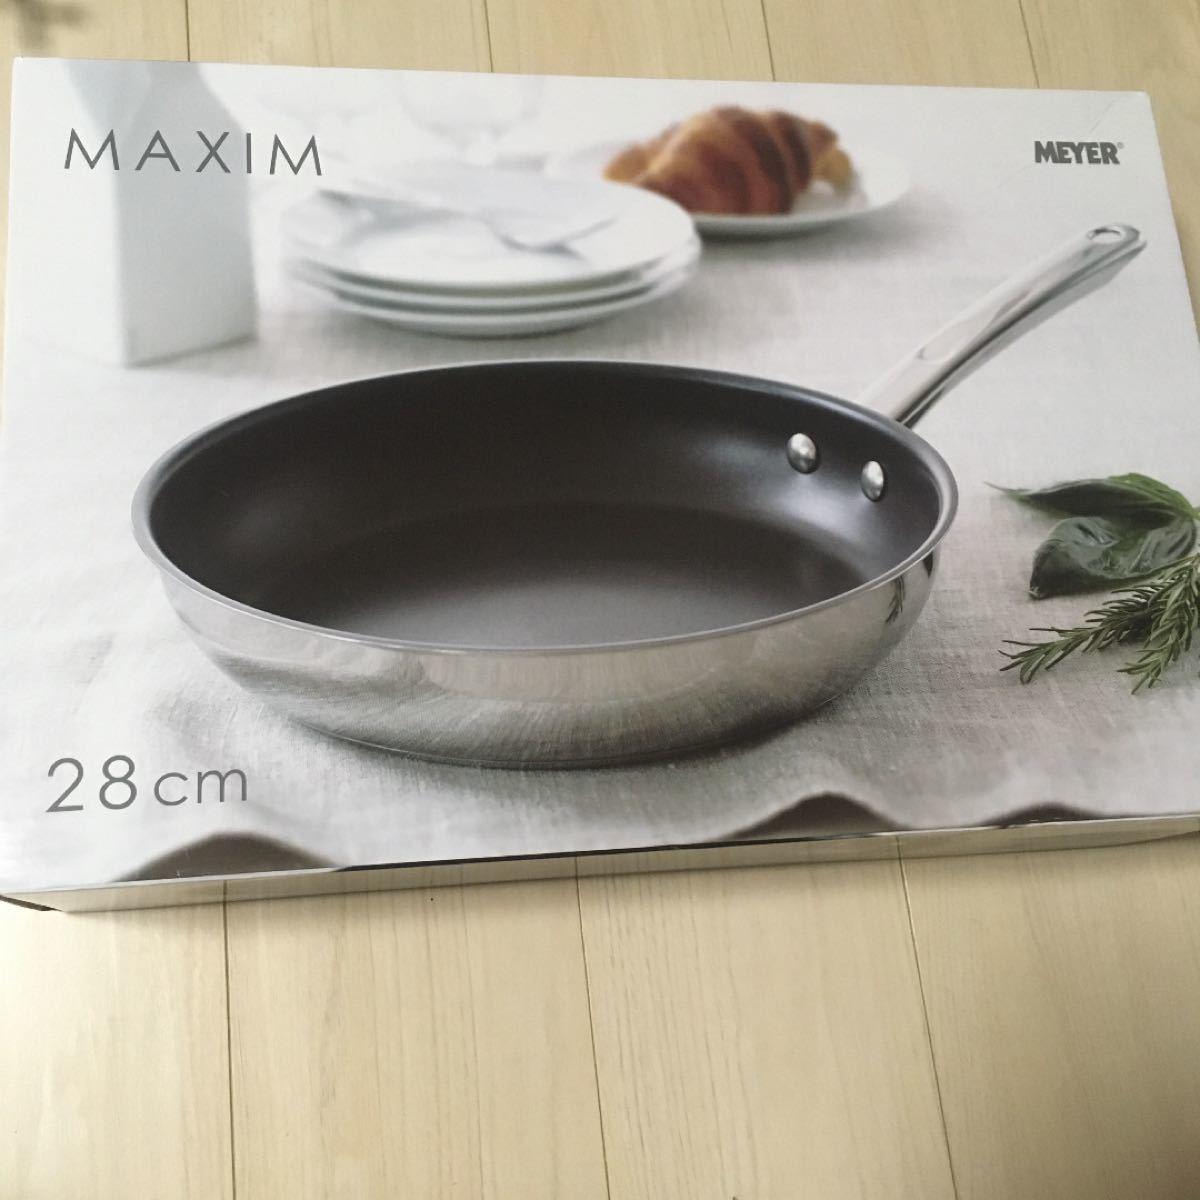 フライパン☆28cm☆焼く☆炒める☆煮る☆MEYER☆マイヤー☆マキシム SS☆送料込み